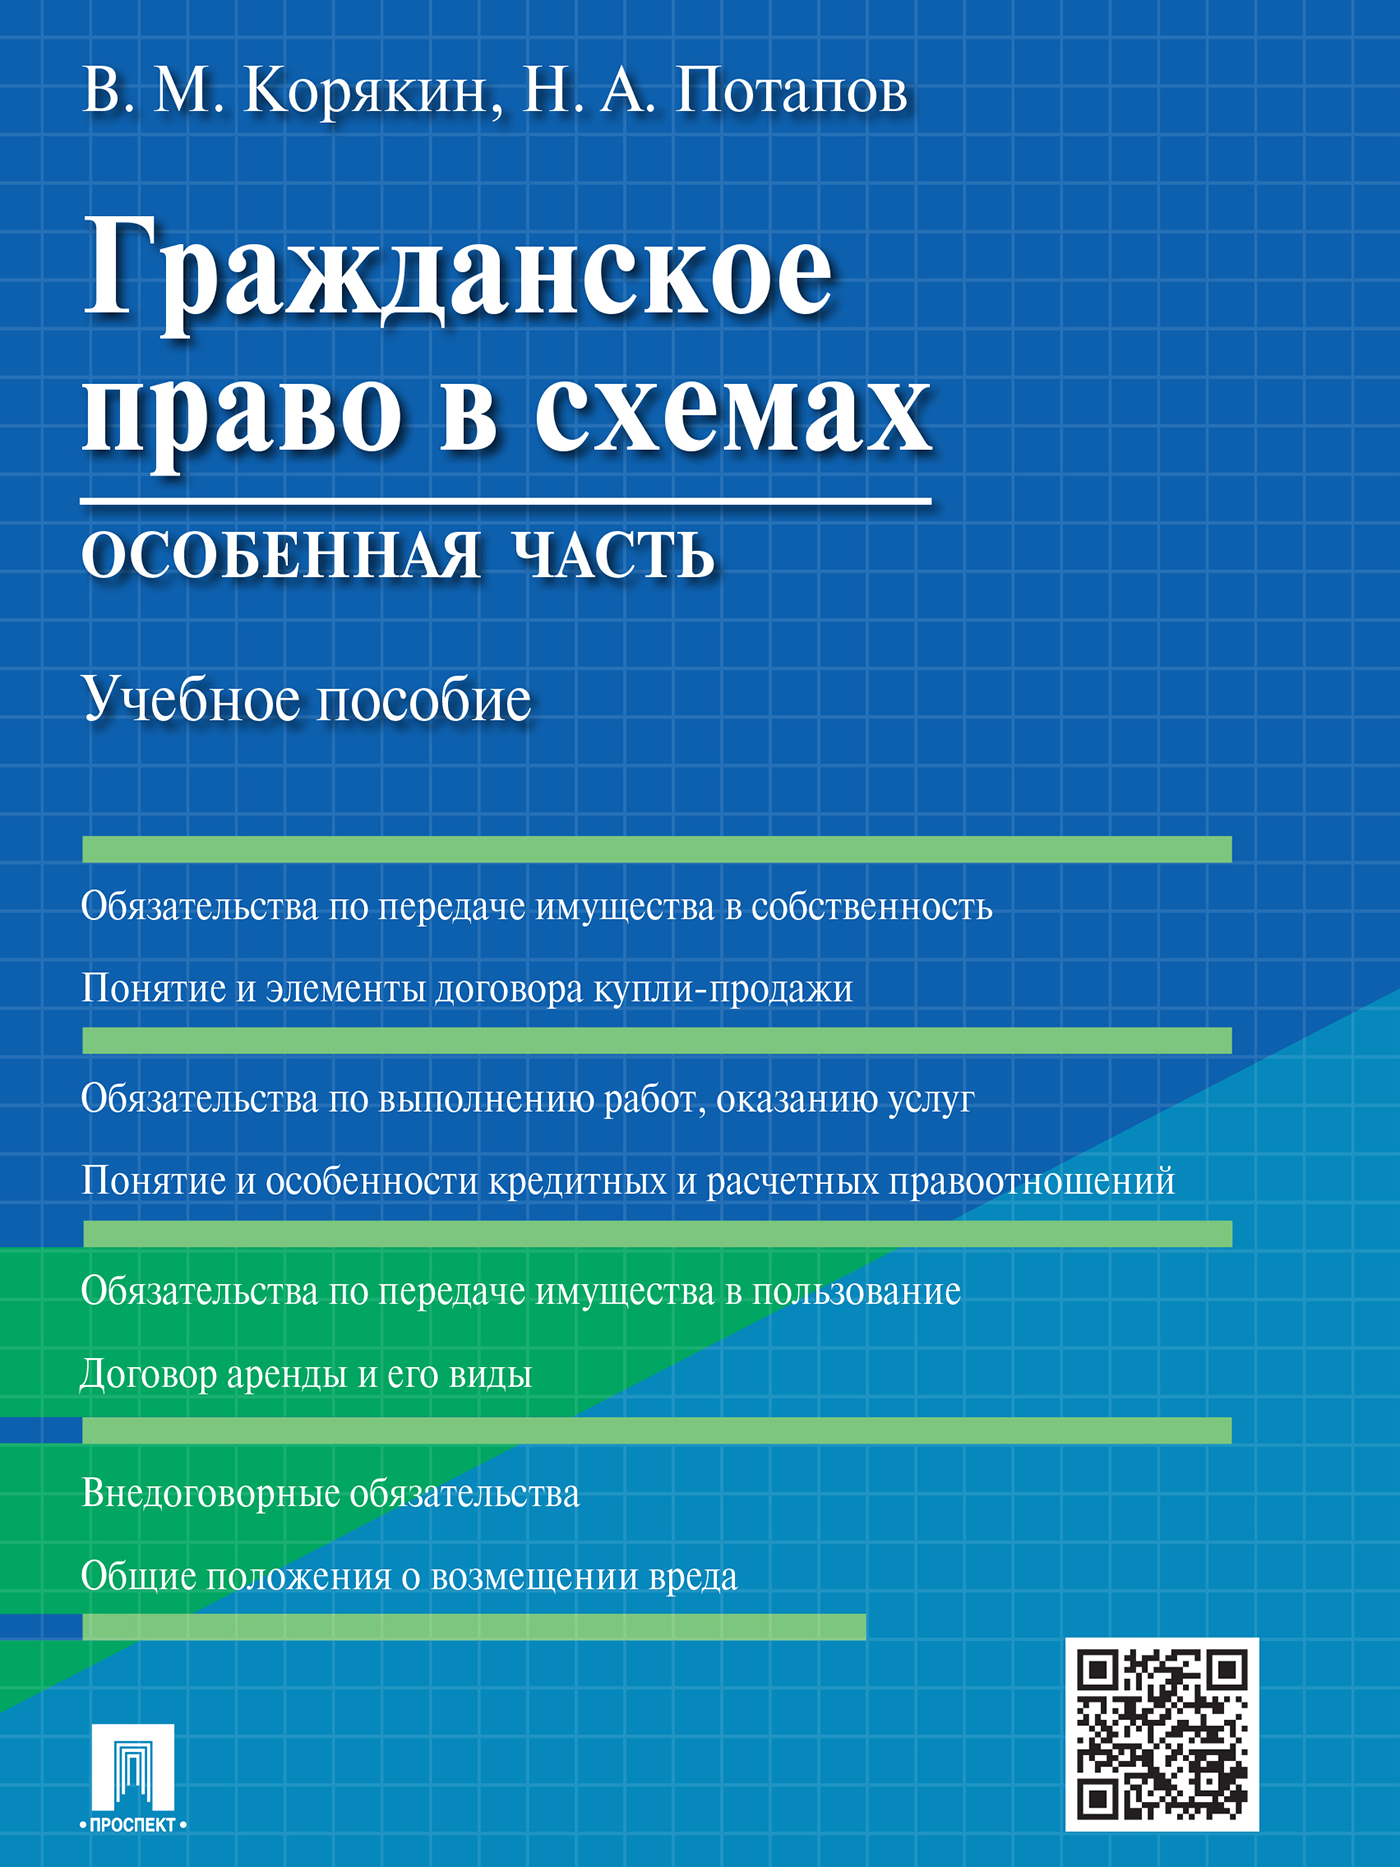 В. М. Корякин Гражданское право в схемах. Особенная часть. Учебное пособие